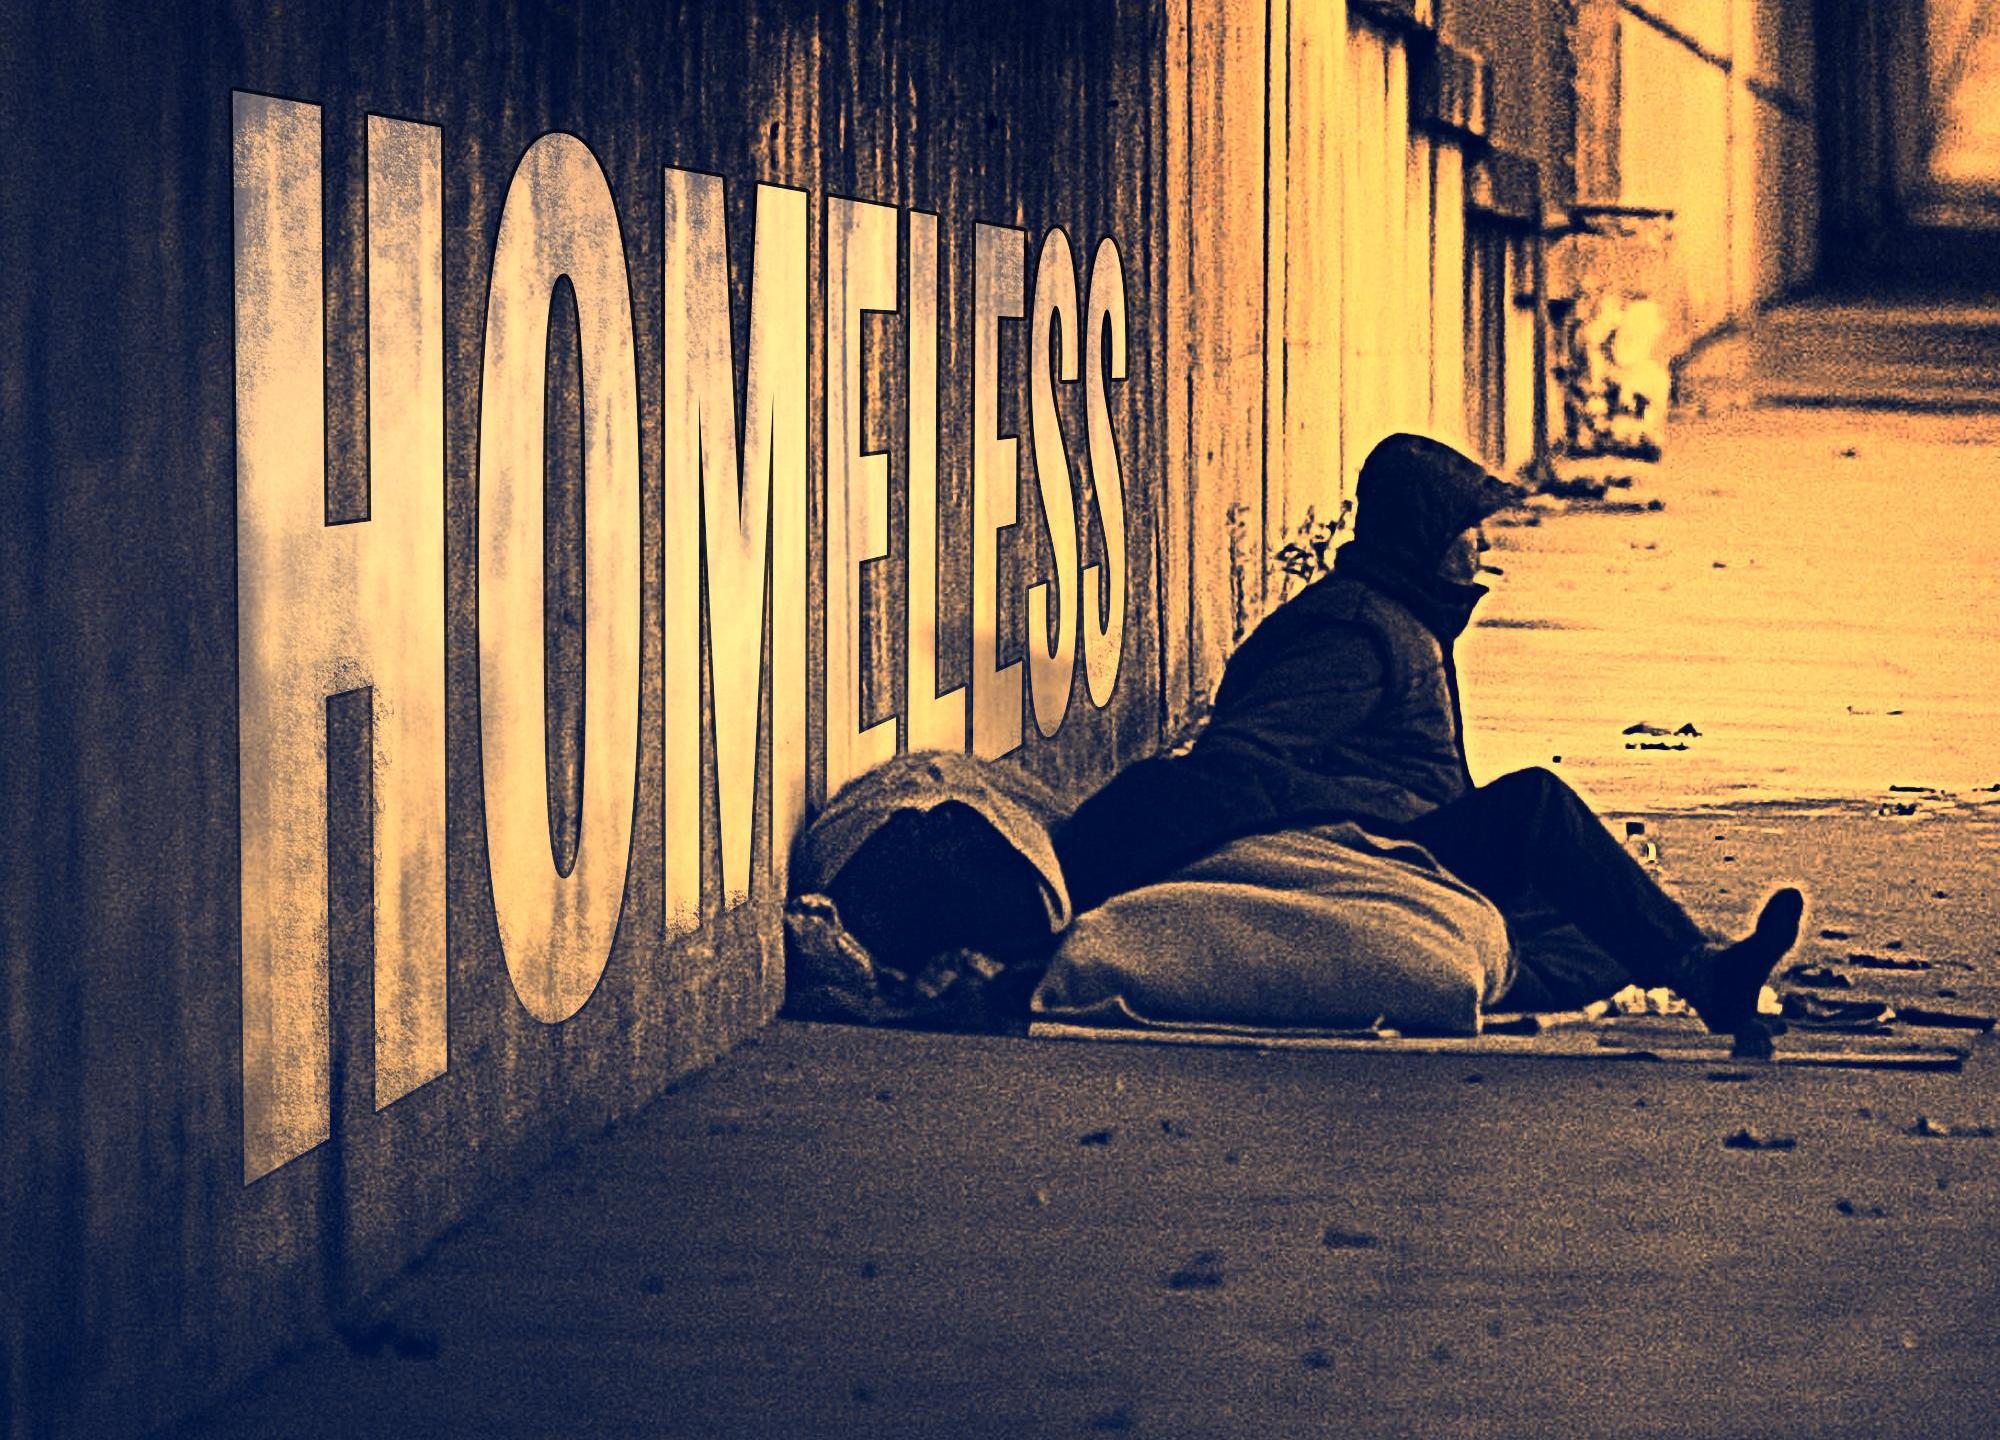 Homeless_359481